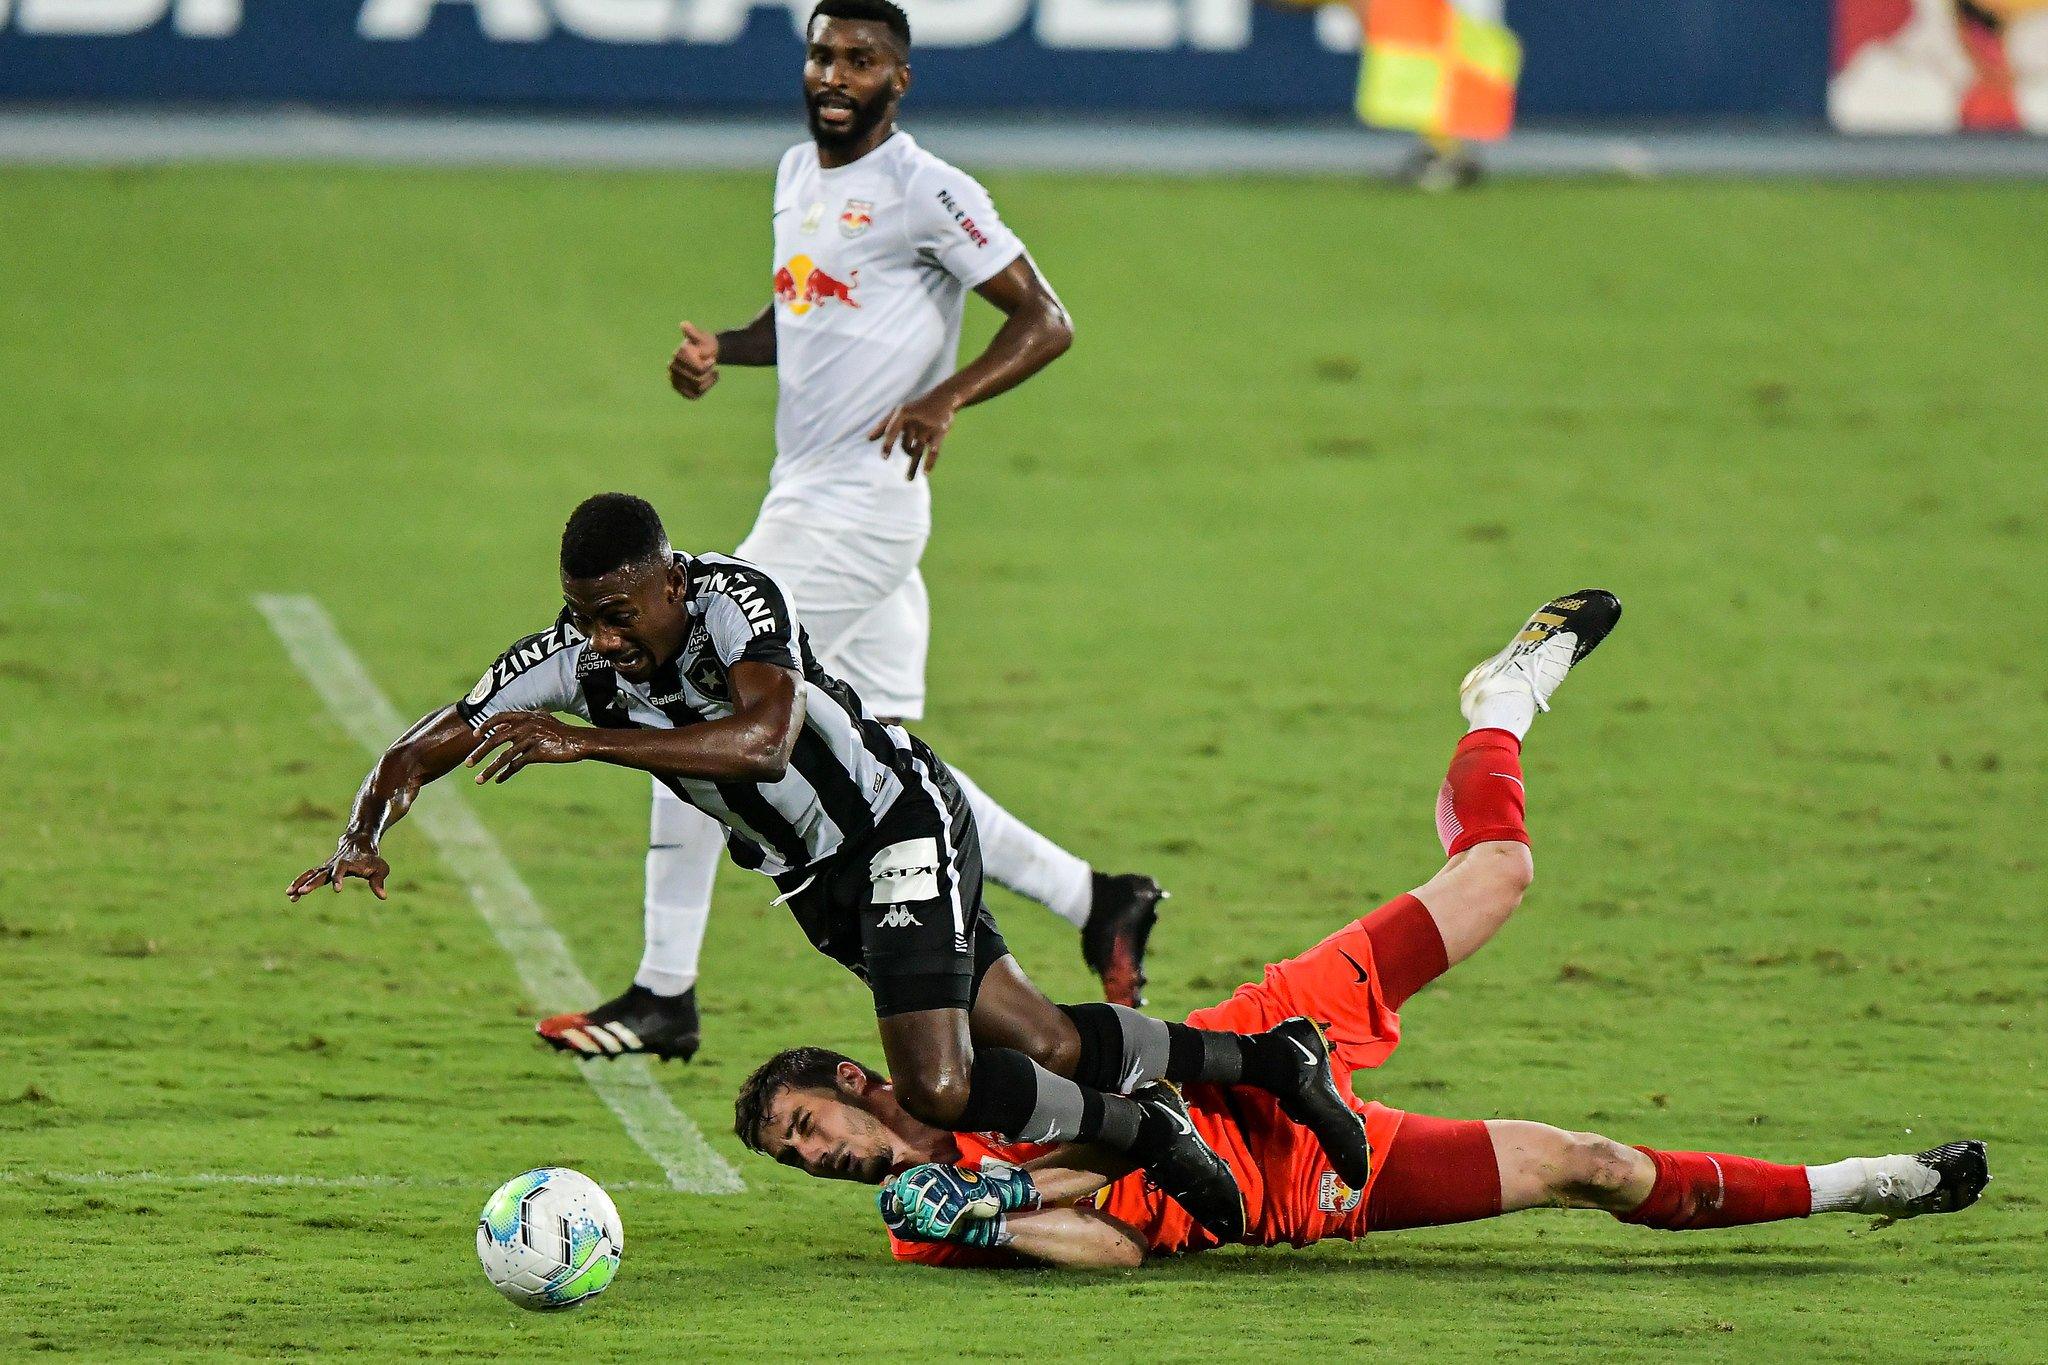 Pênalti em Kalou | Botafogo x Red Bull Bragantino | Campeonato Brasileiro 2020